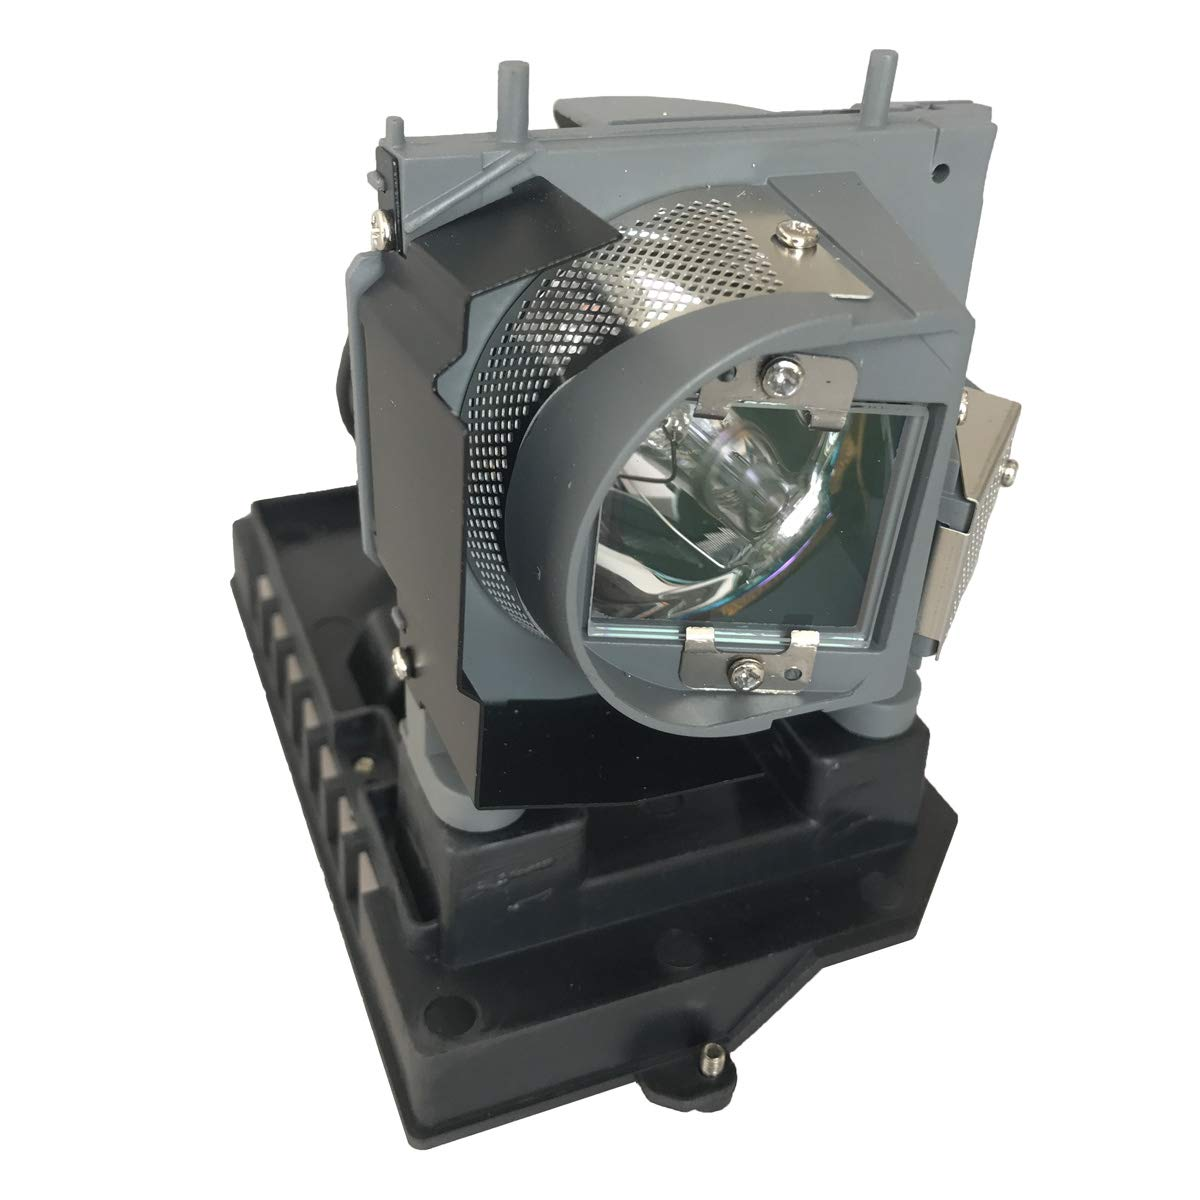 Allamp NP20LP 交換用プロジェクター ランプ 日本電気 NEC NP-U300XJD NP-U310WJD 対応【高品質/180日保証】   B07RBQBDCF